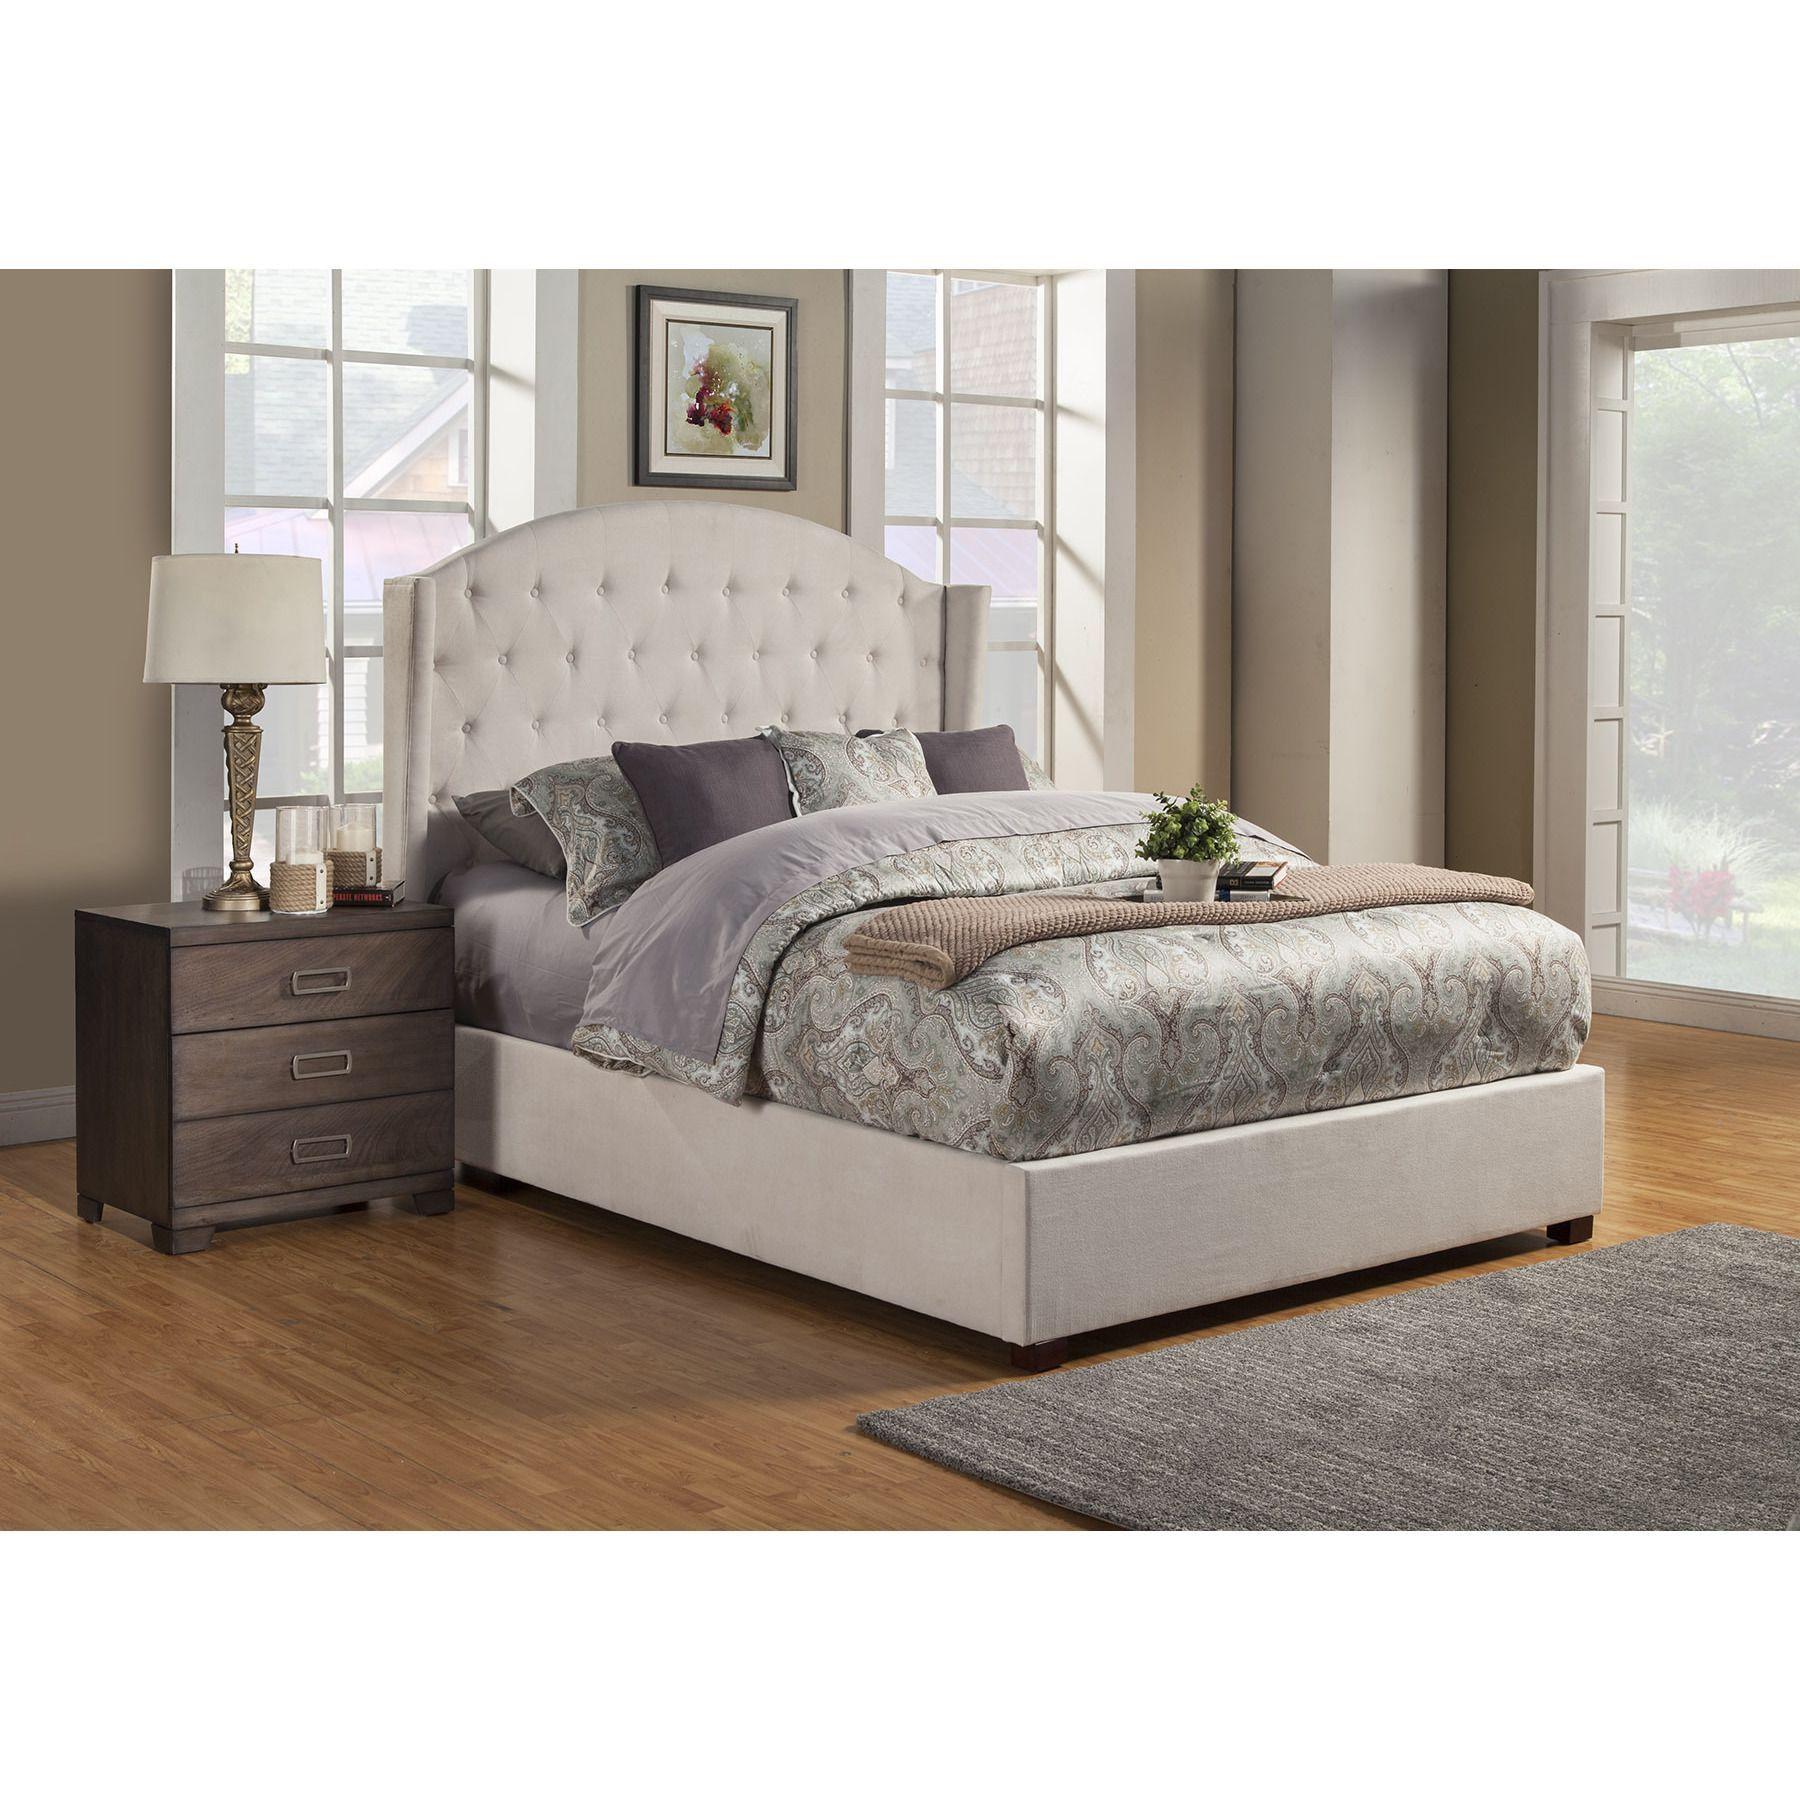 Alpine Ava Cream Wood Tufted Upholstered Bed #einrichtenundwohnen